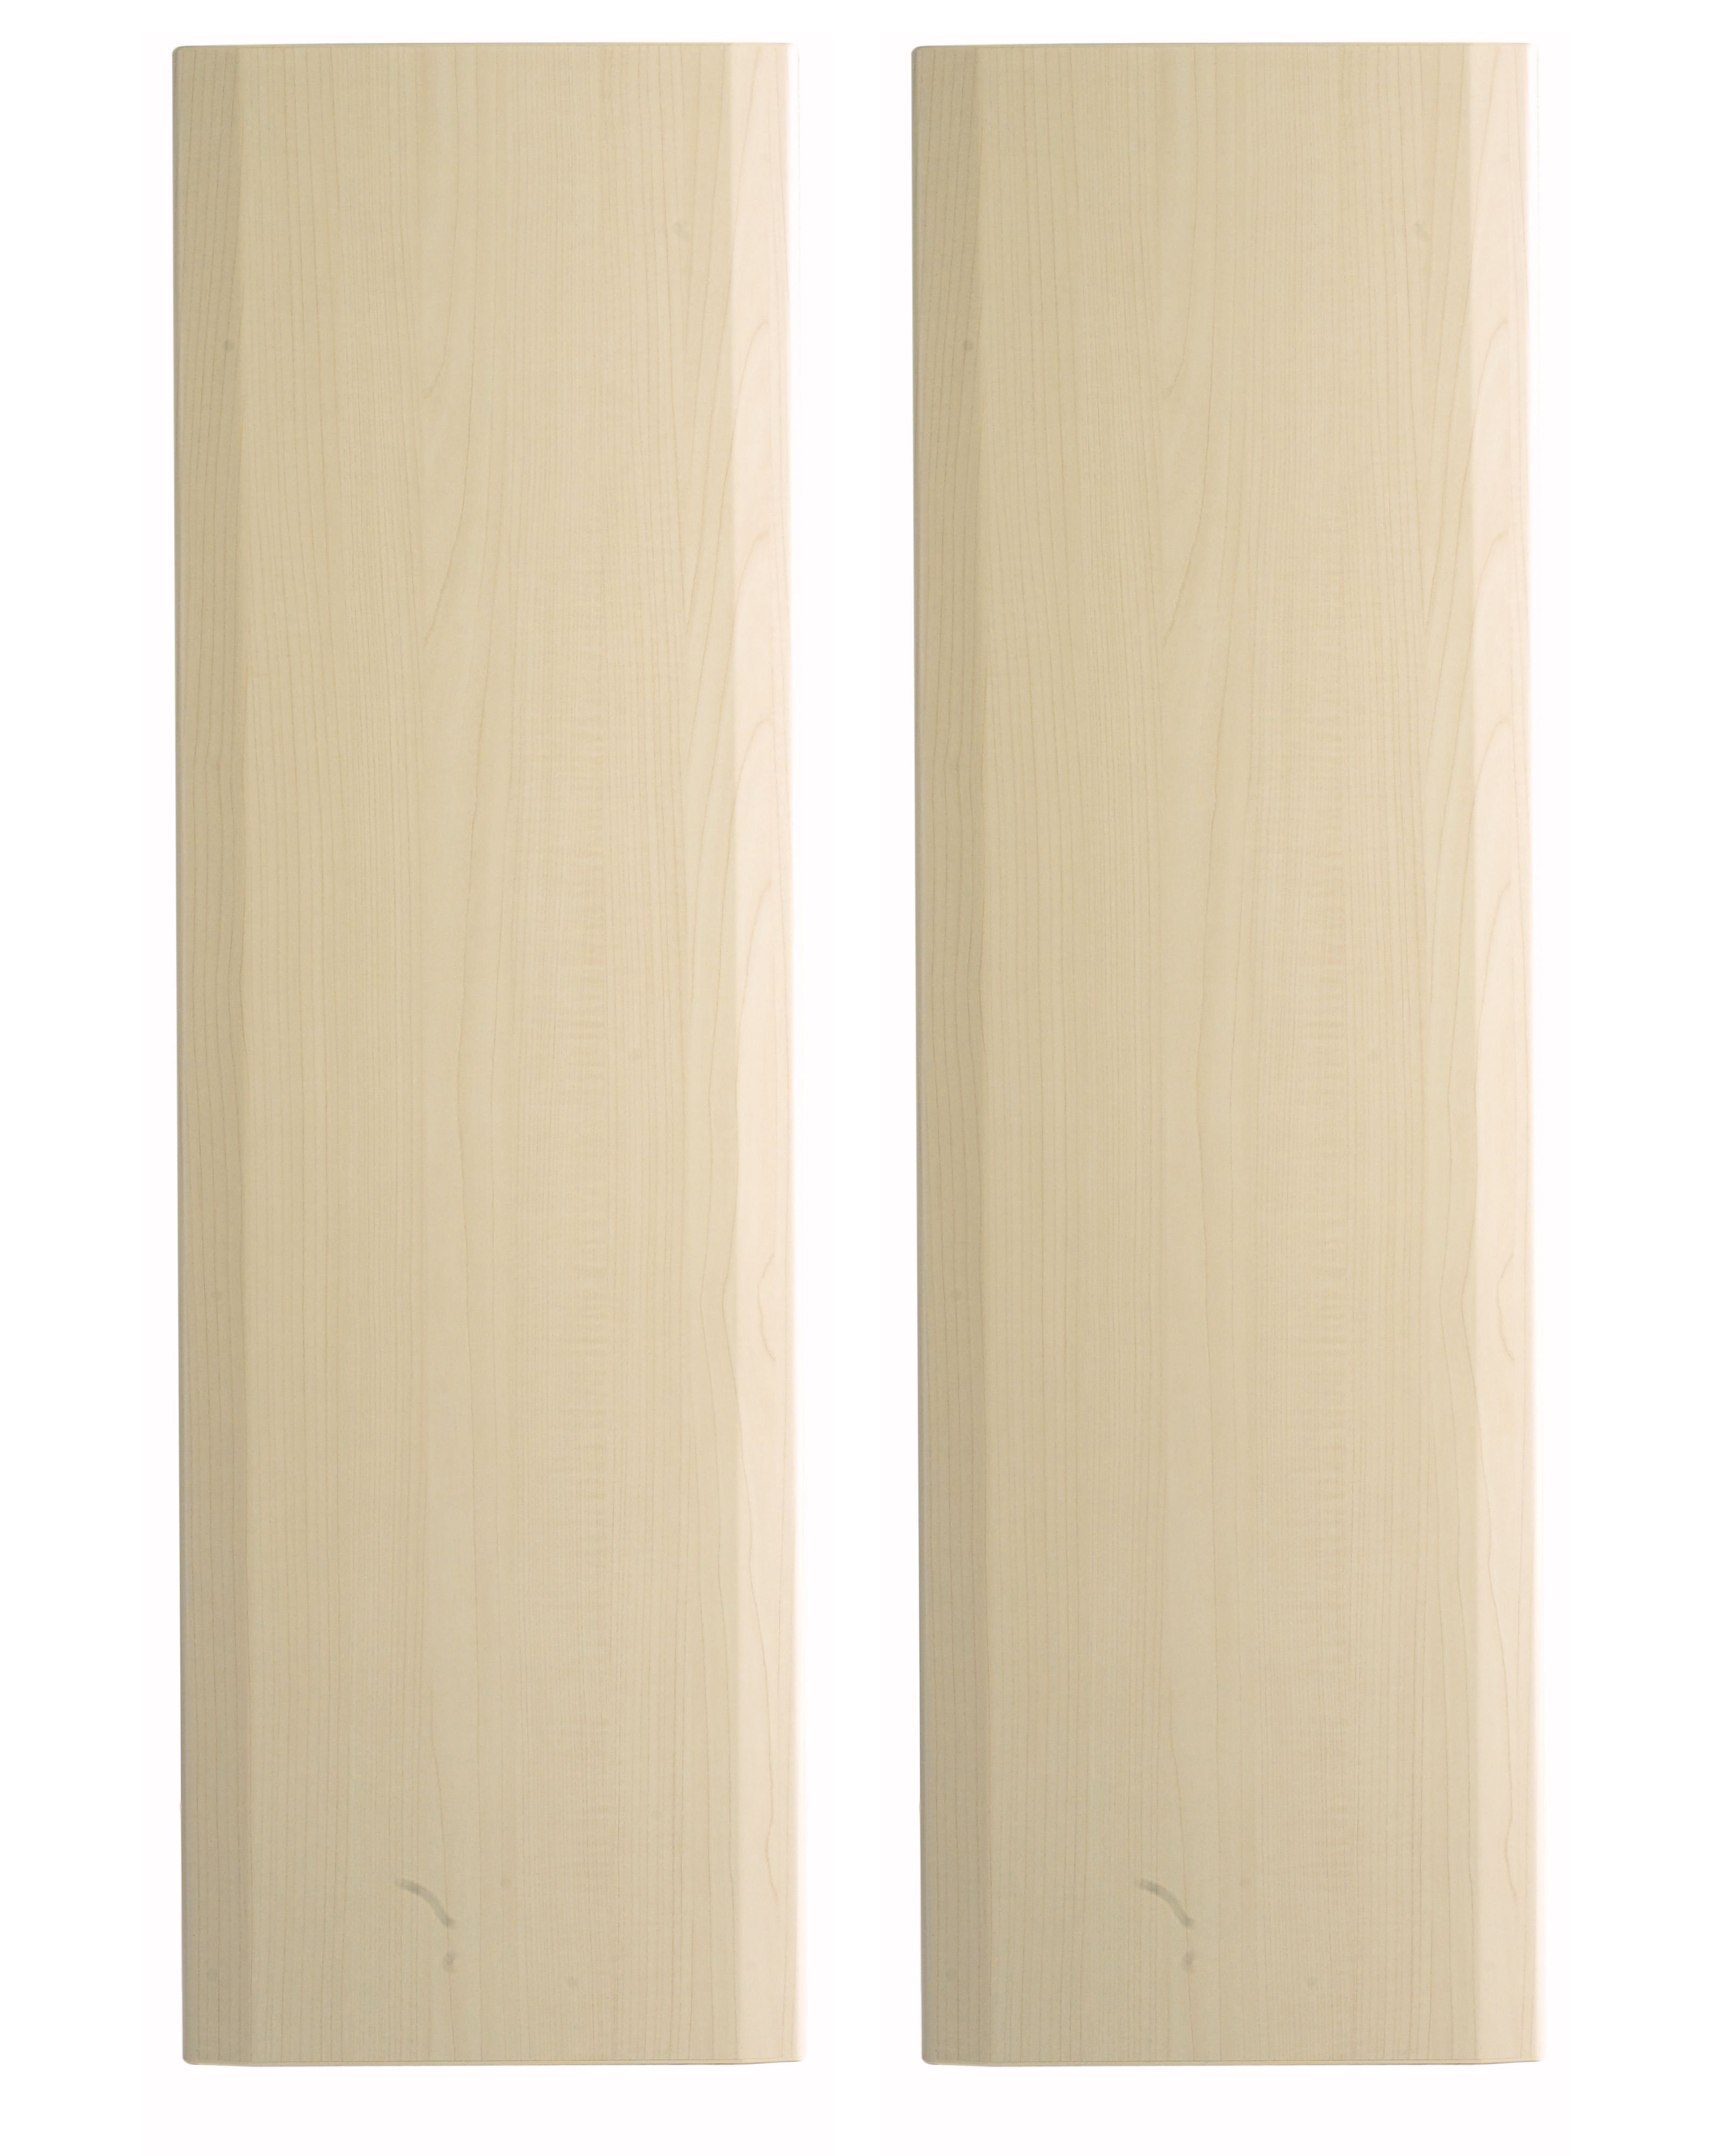 It Kitchens Sandford Maple Effect Modern Larder Door (w)300mm, Set Of 2